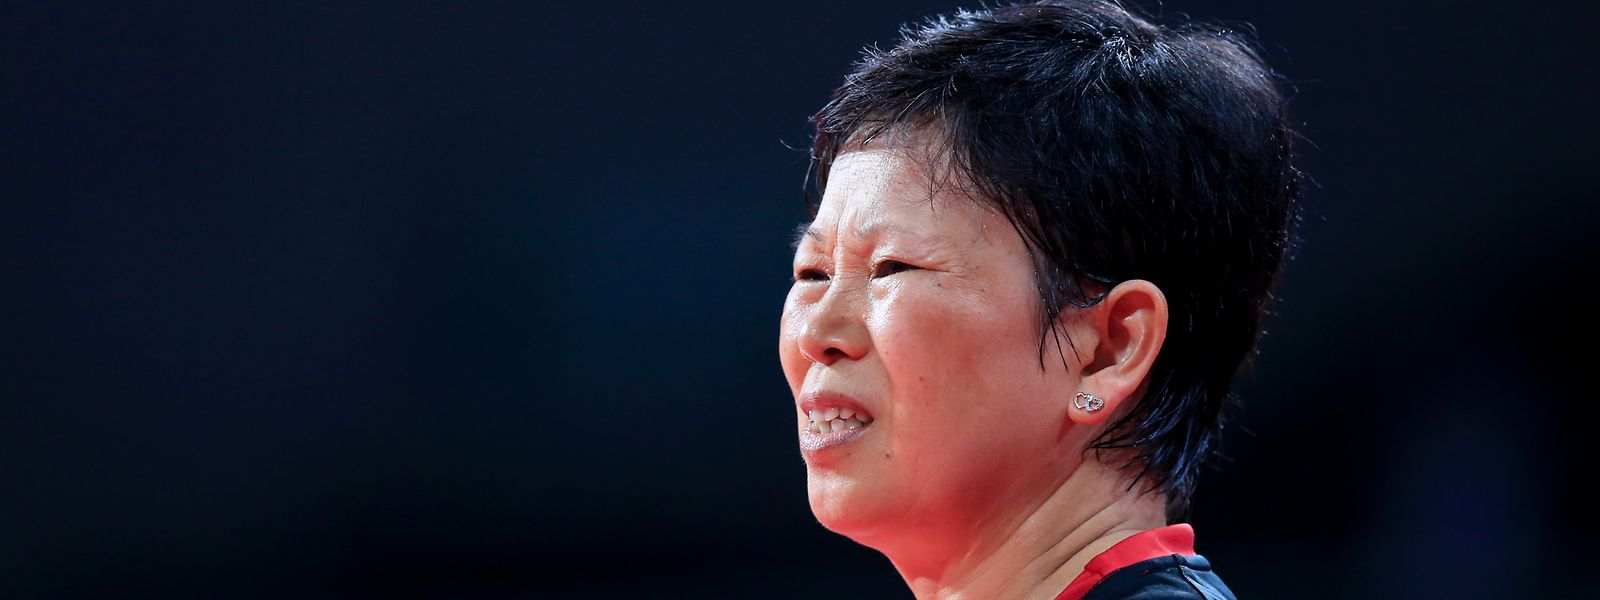 Ni Xia Lian nimmt zum fünften Mal an Olympischen Sommerspielen teil.